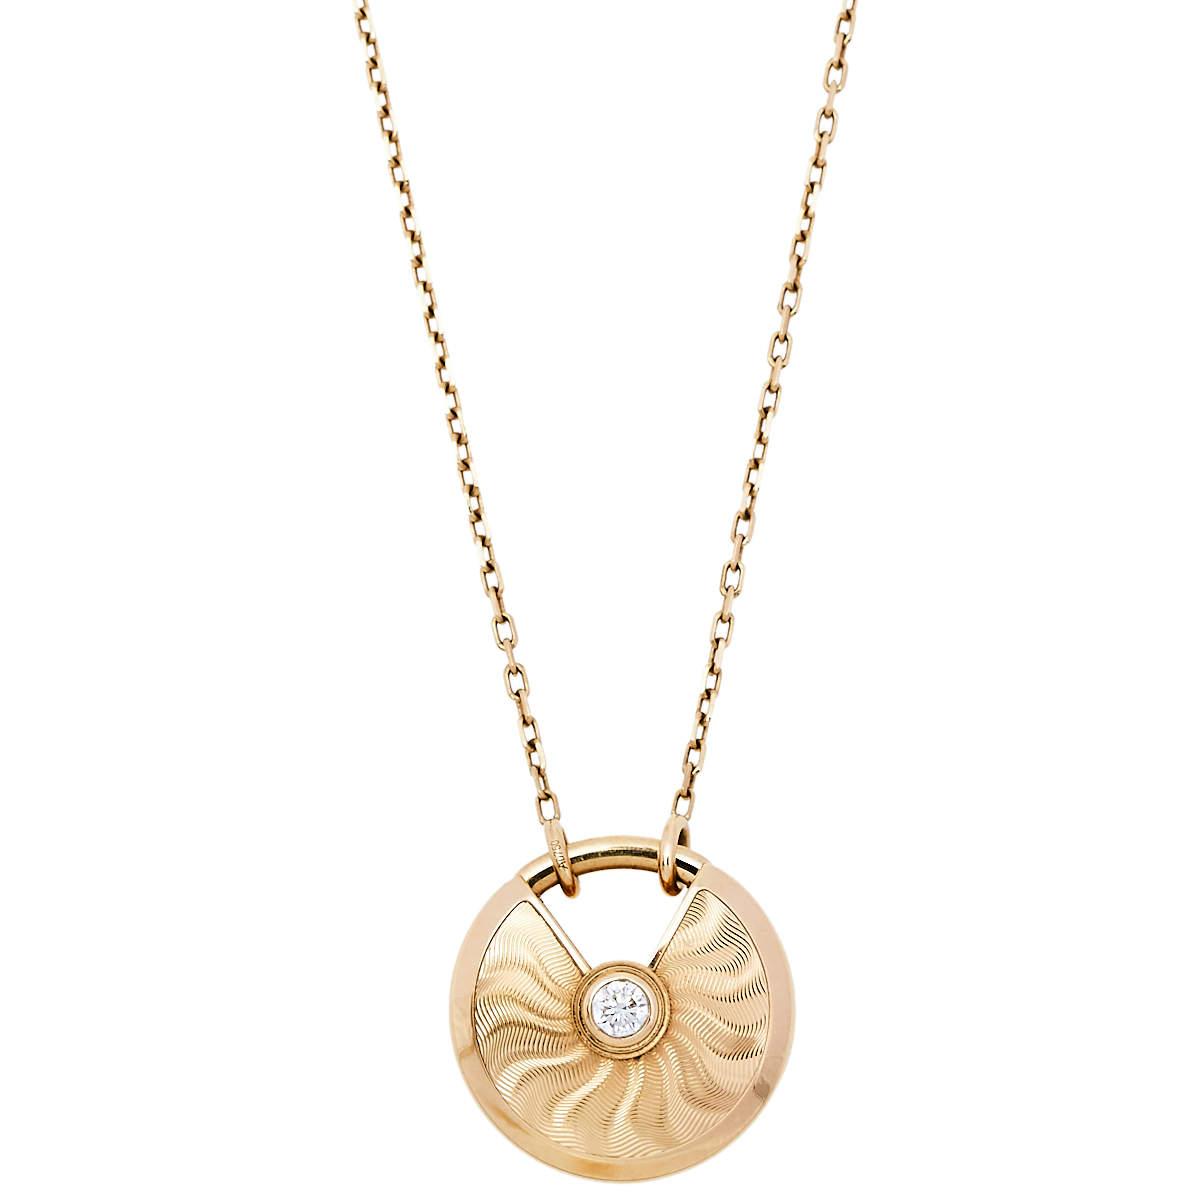 Cartier Amulette de Cartier Diamond Textured 18K Yellow Gold Long Pendant Necklace